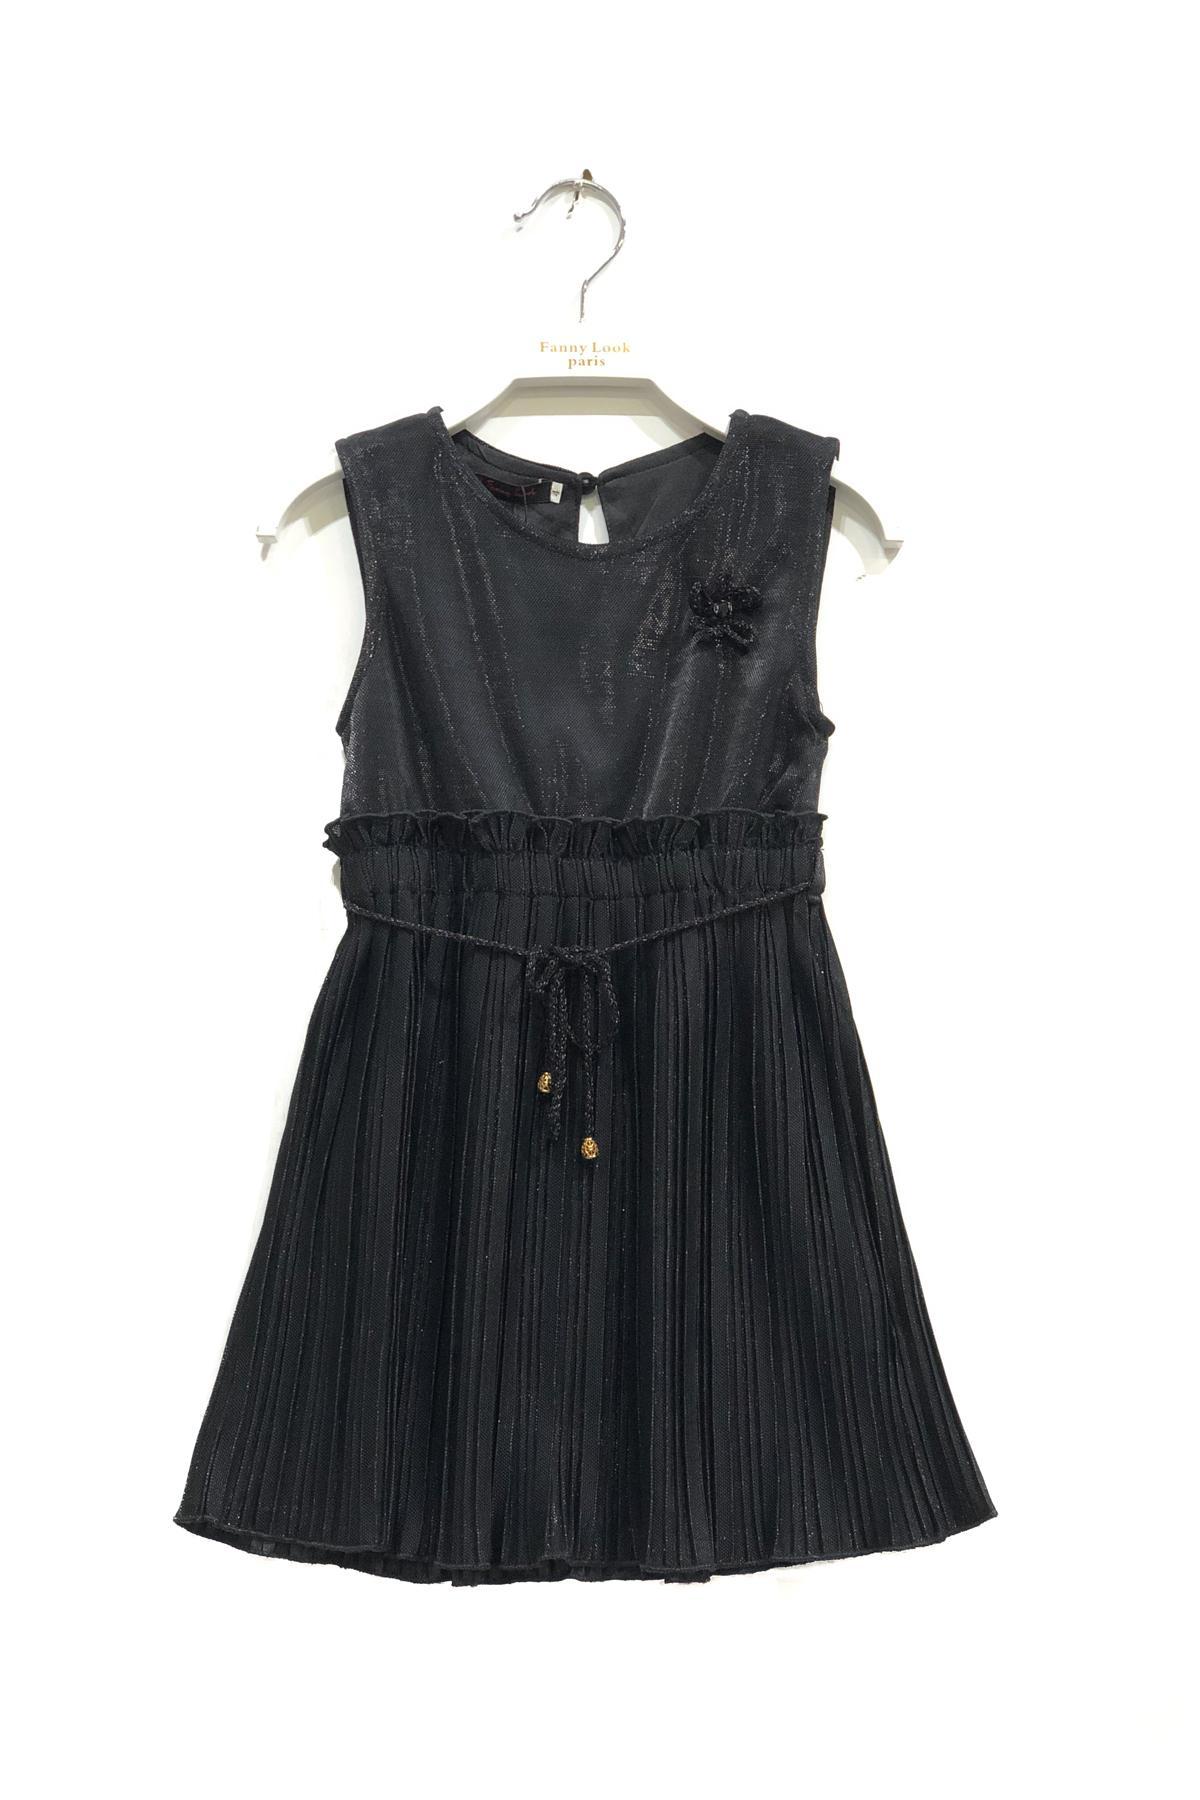 Robes Enfant Noir FANNY LOOK 7405 #c eFashion Paris